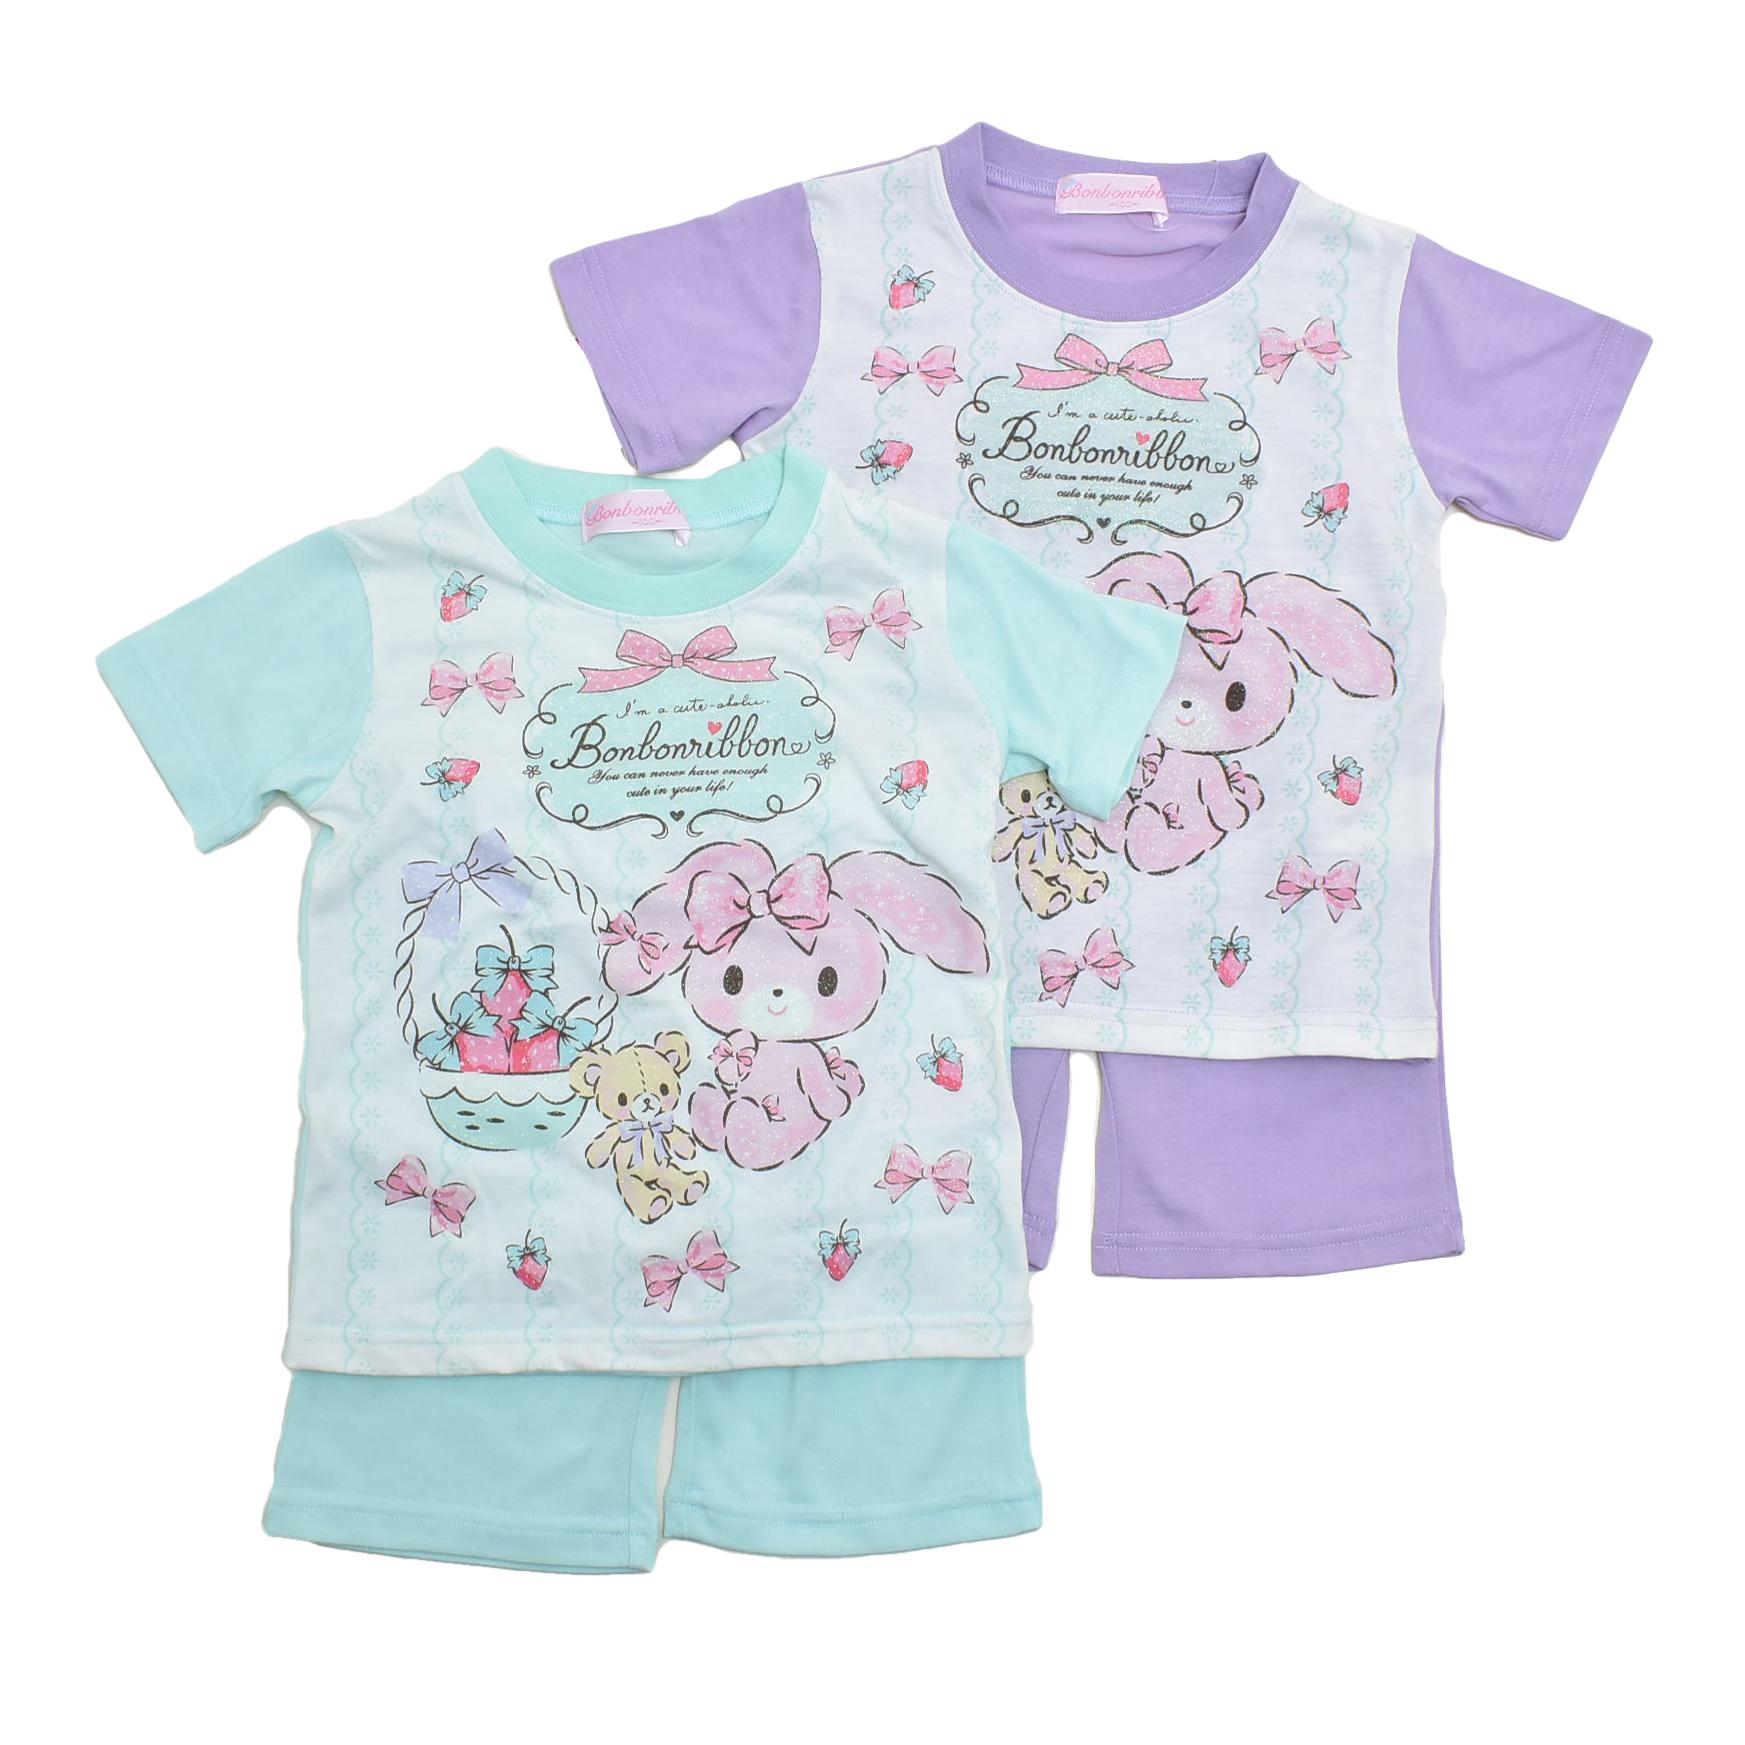 サンリオ ぼんぼんりぼん 半袖Tシャツ生地のパジャマ  100-130cm(132BO0071)